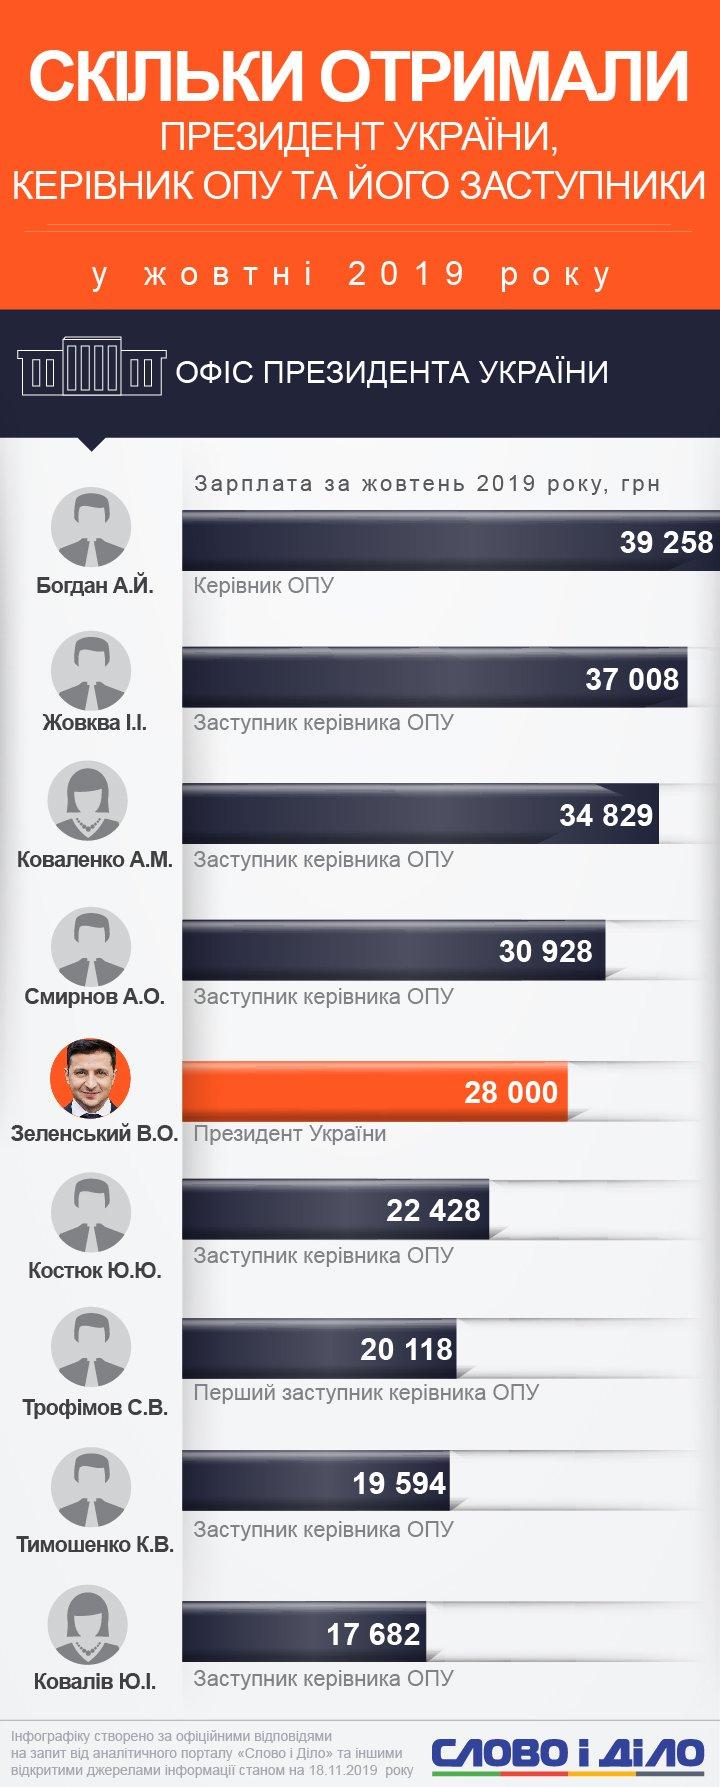 Руководитель Офиса президента Андрей Богдан заработал больше, чем президент